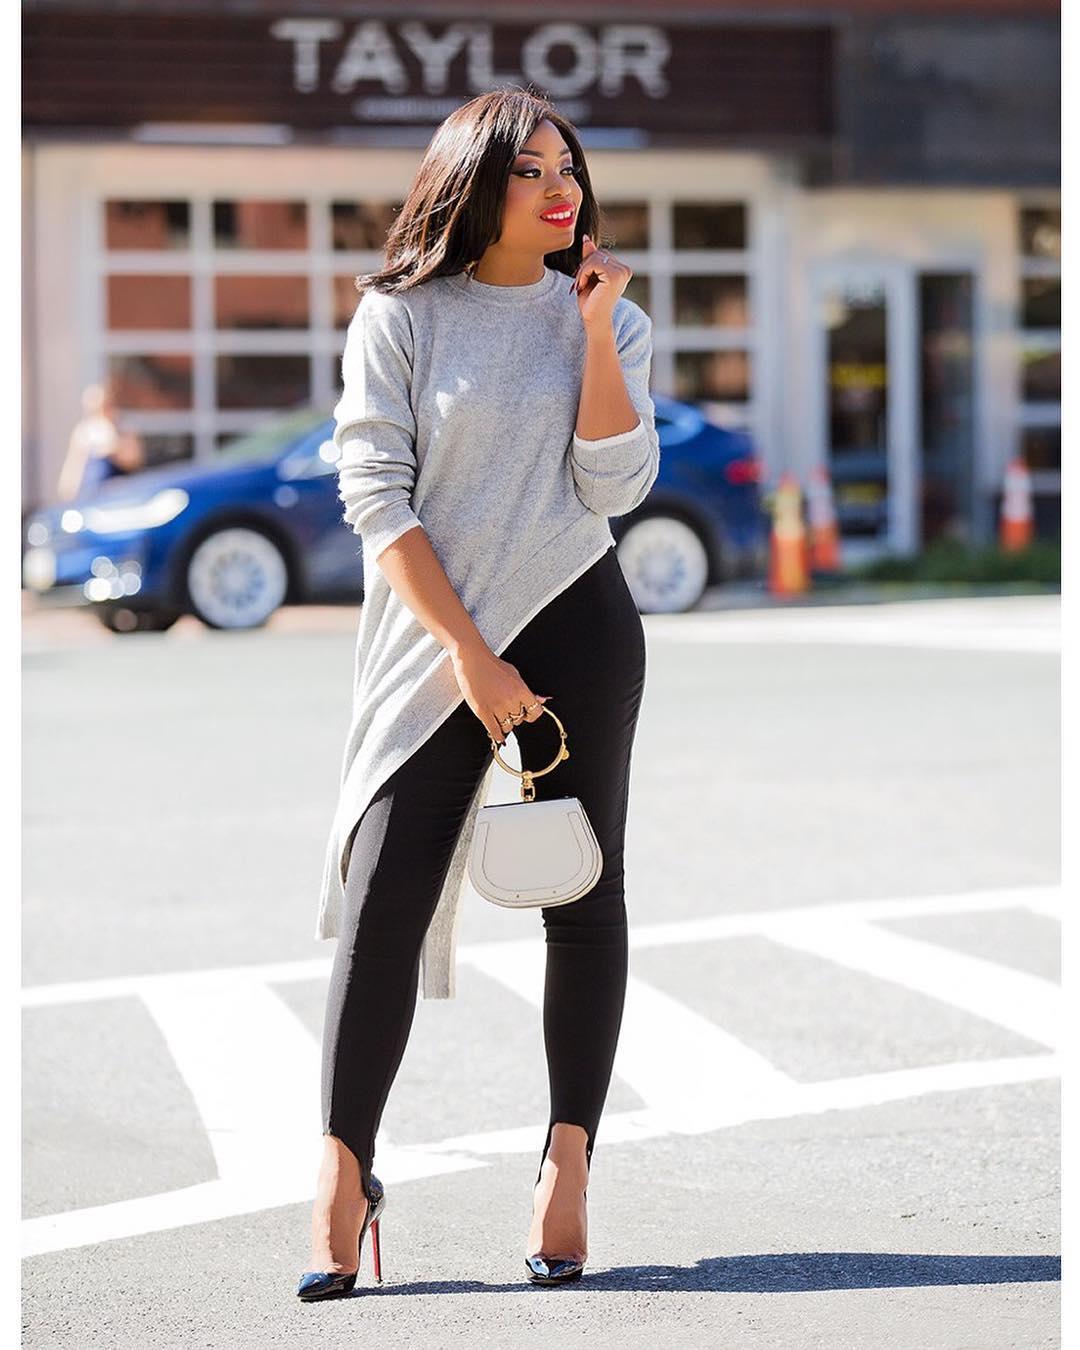 proof-stella-uzo-jadore-fashion-uber-stylish-mum-want